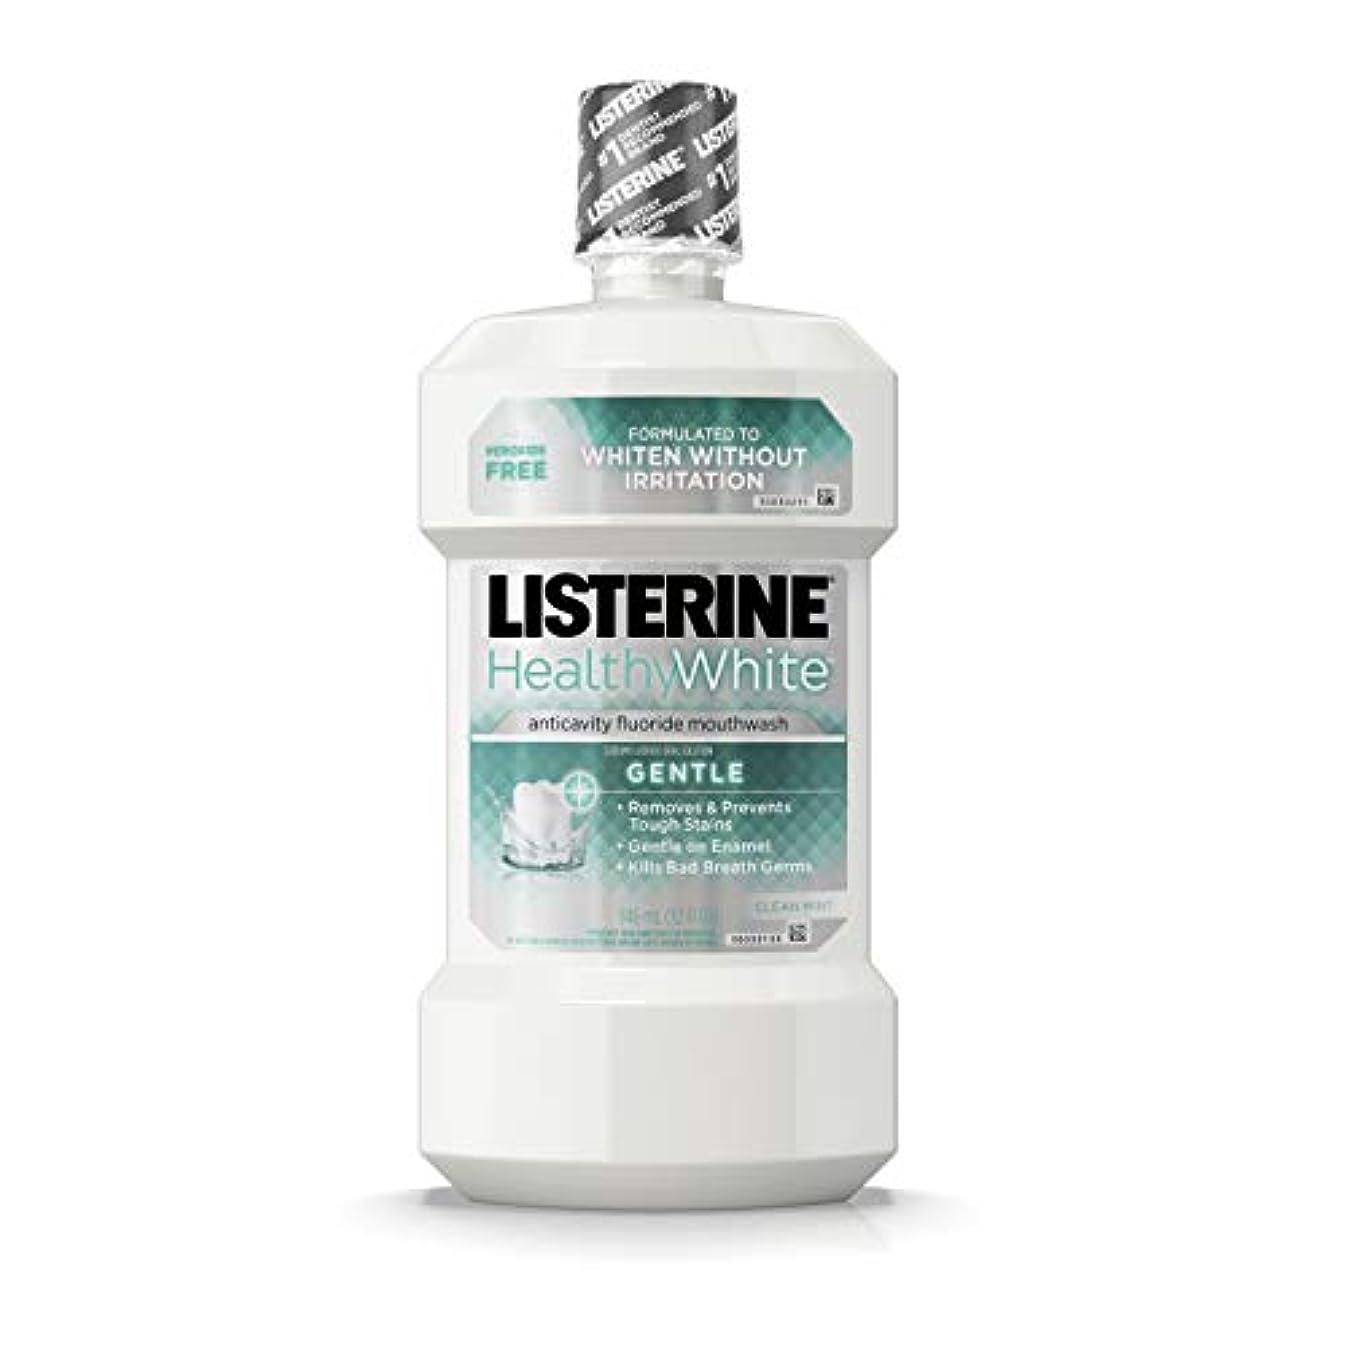 驚かす革命的賞賛Listerine ジェントルクリーンマウスウォッシュ - クリーンミント 1パック